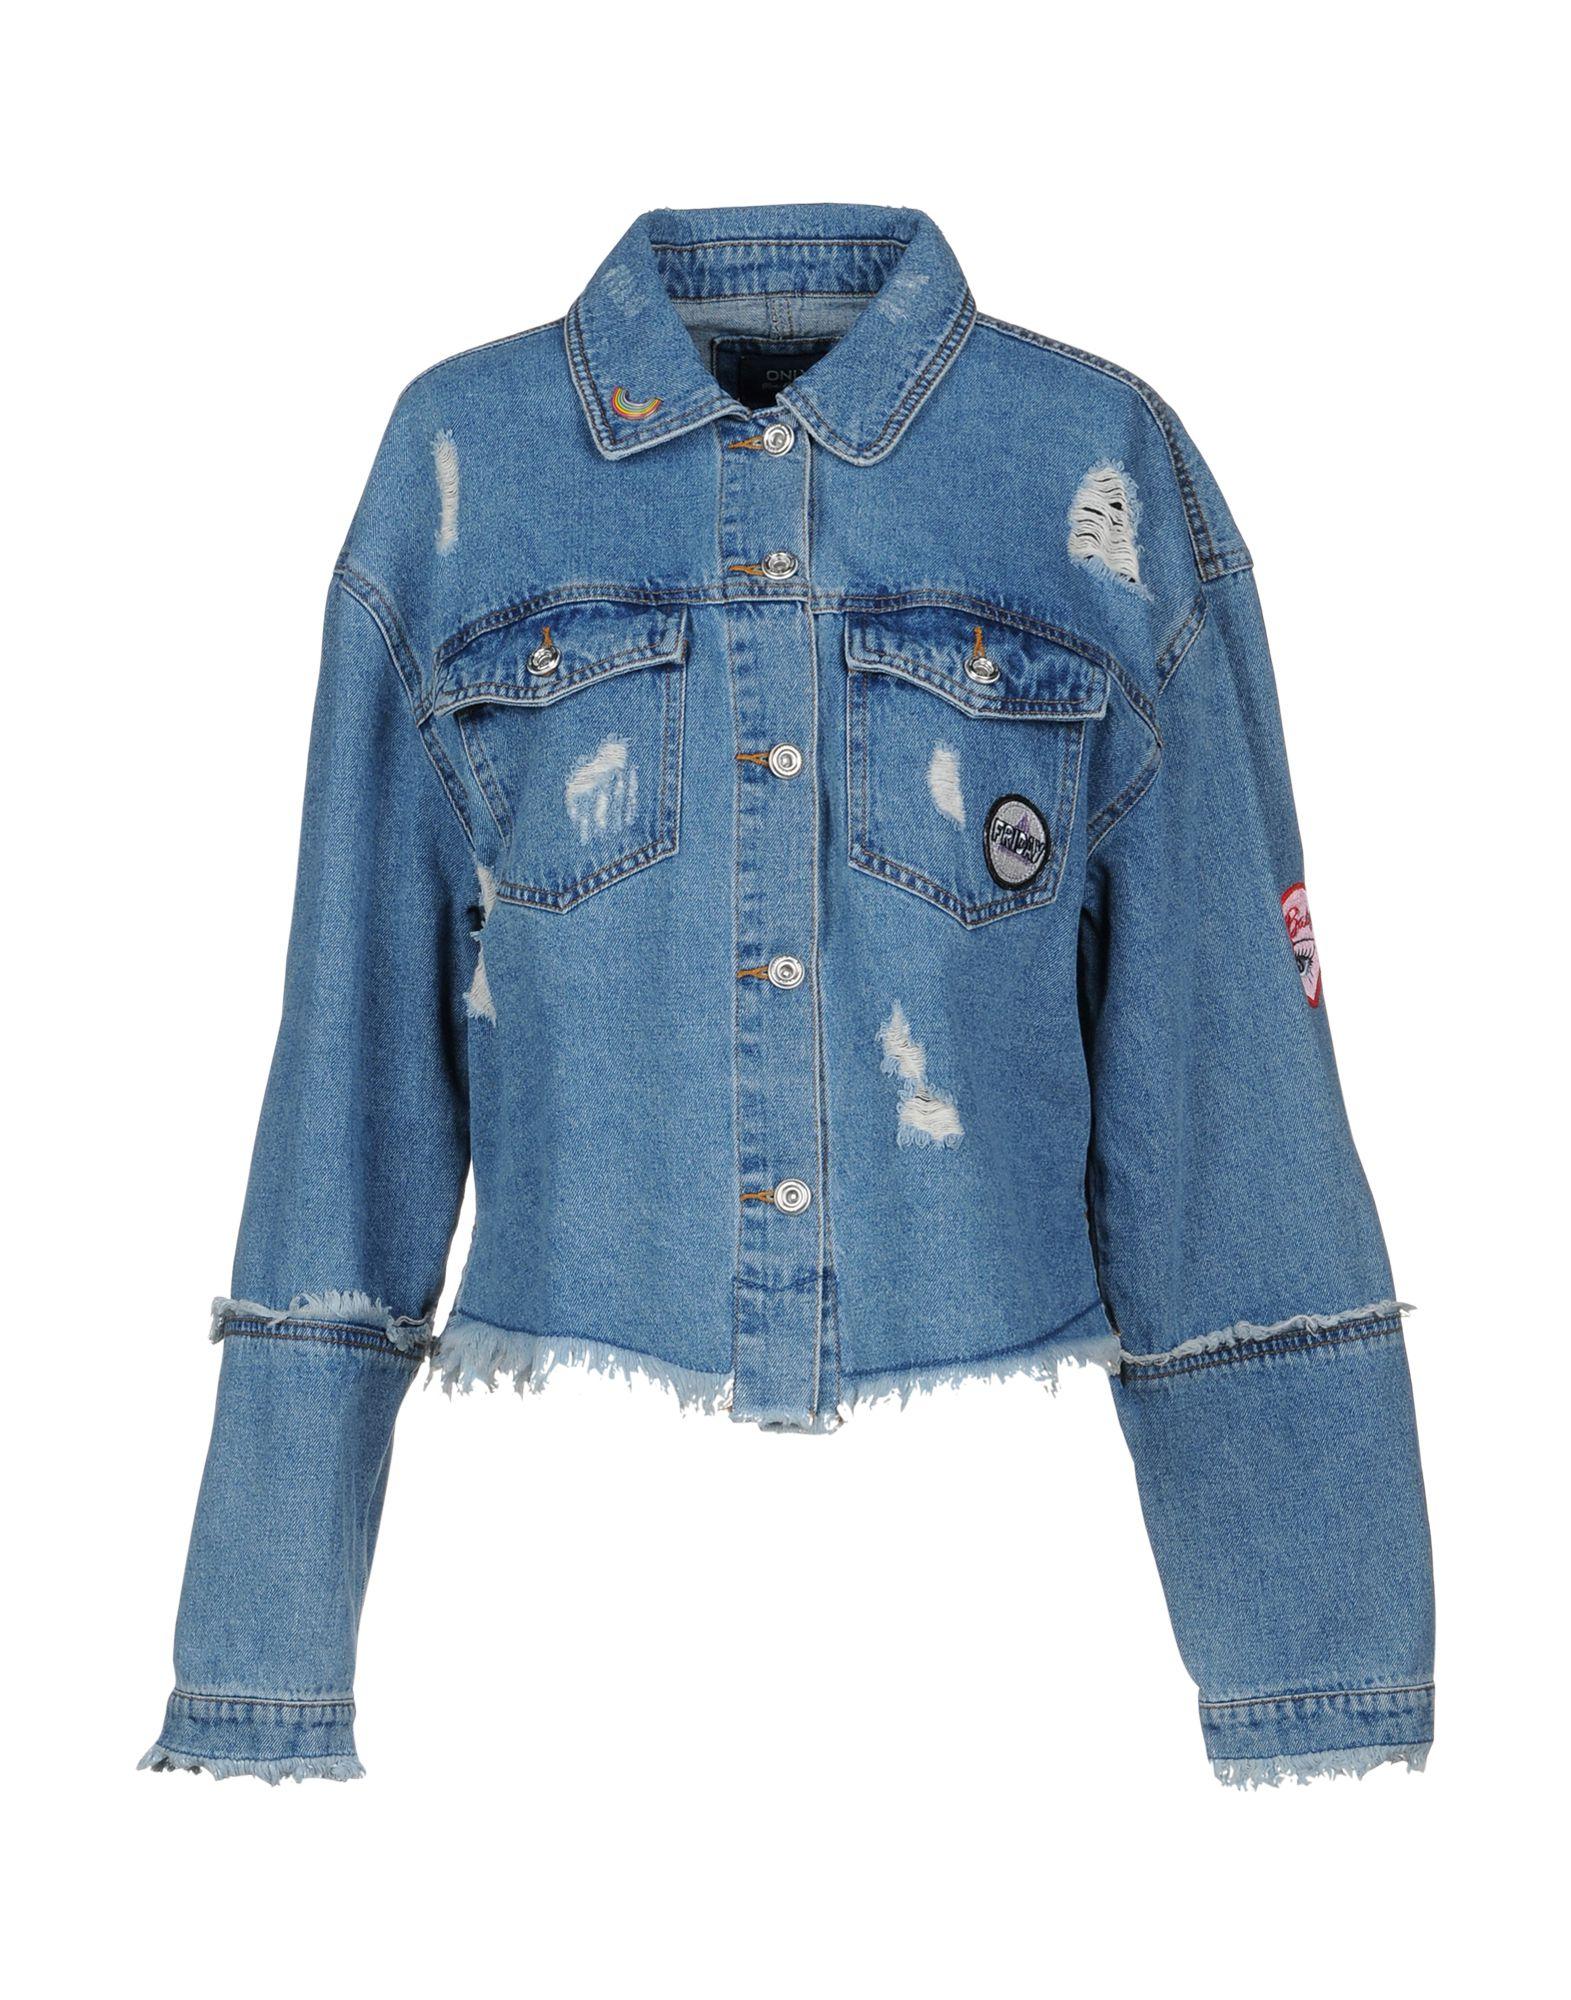 ONLY Джинсовая верхняя одежда folk джинсовая верхняя одежда